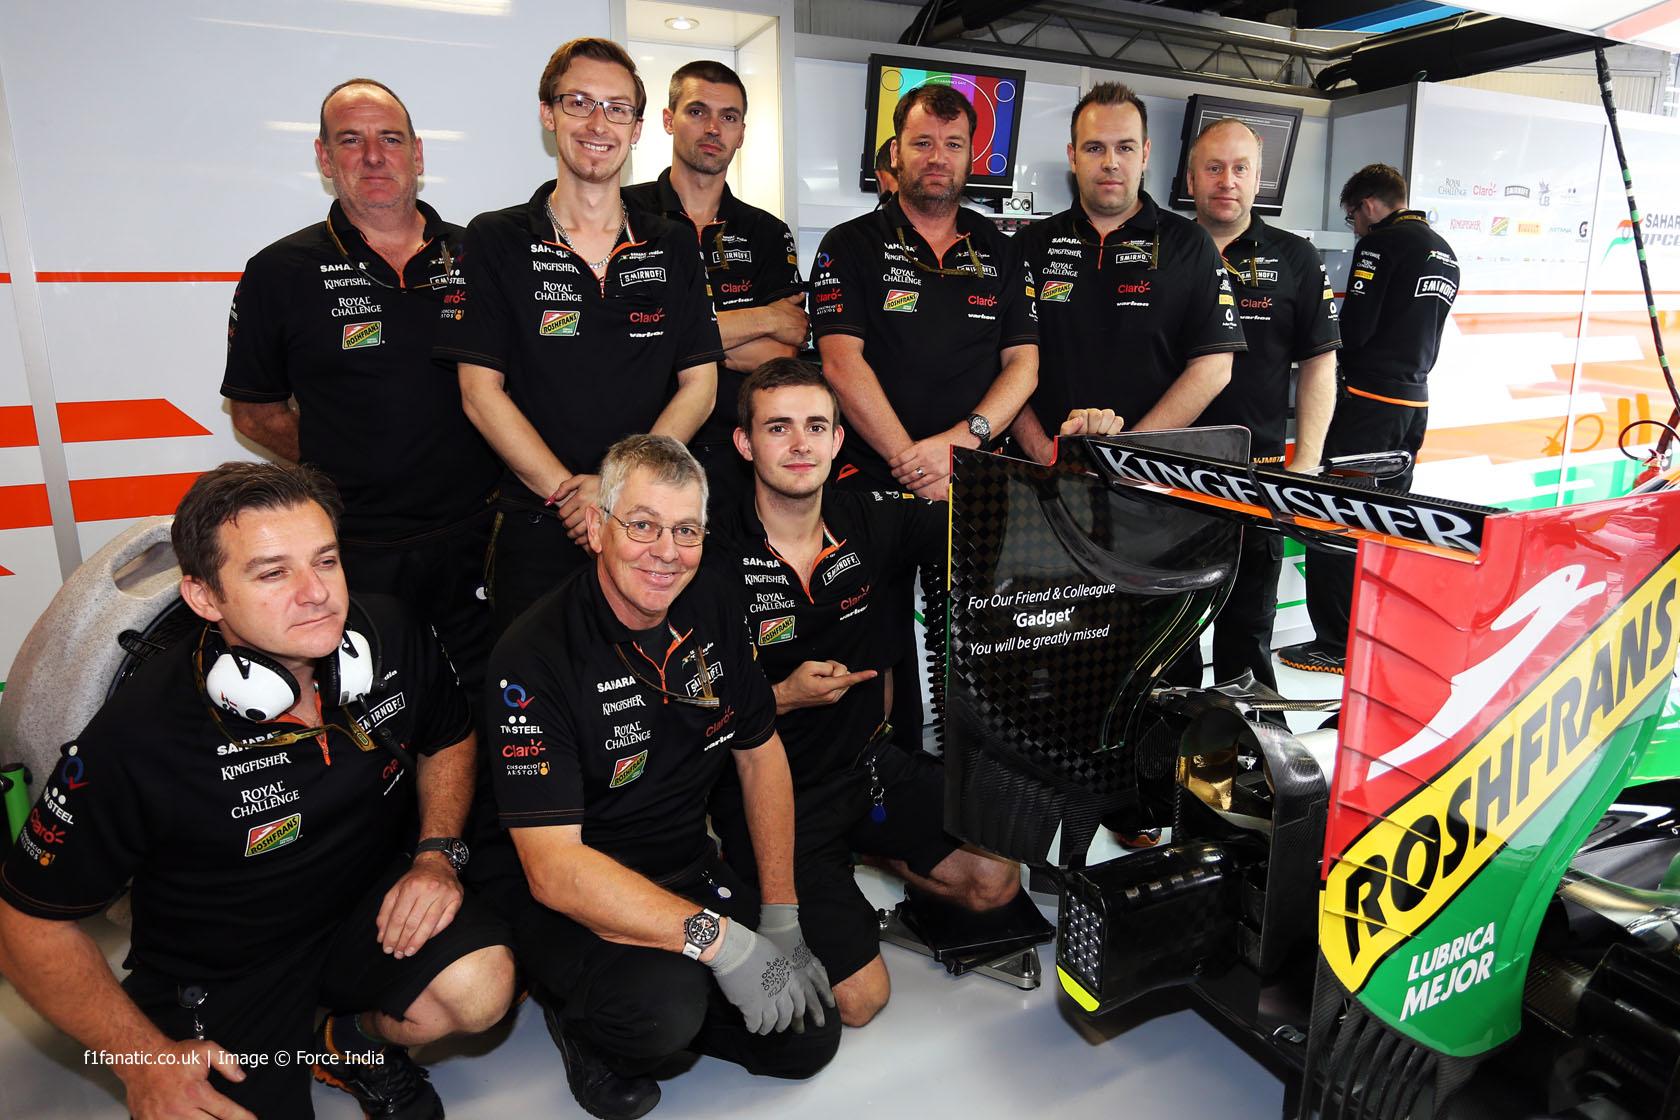 Force India mechanics, 2014